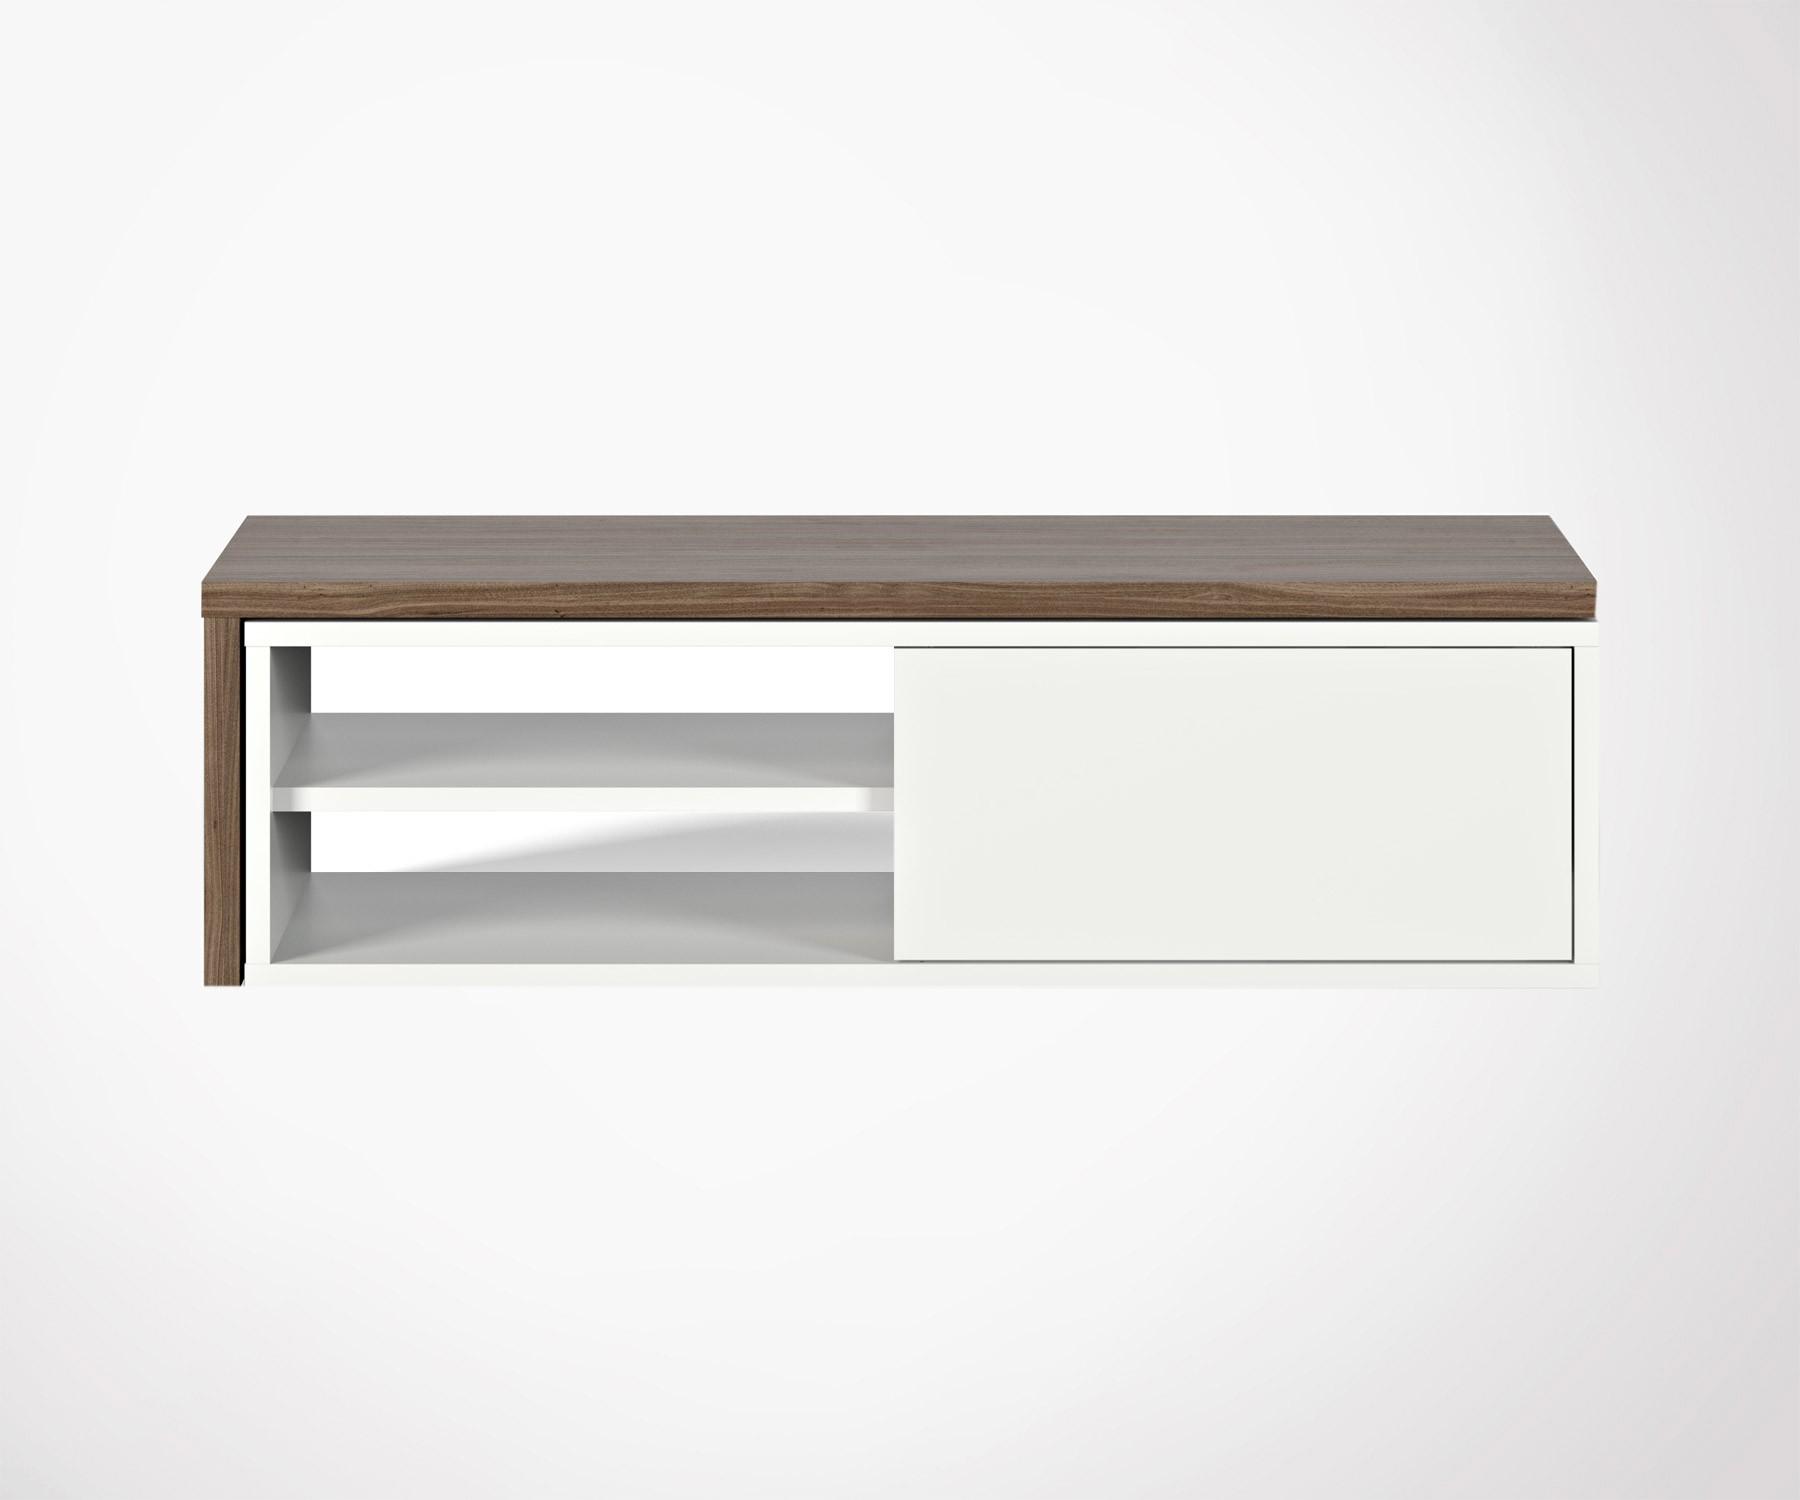 Meubles Tv Design Tous Les Styles Meubles Et Design # Meuble Tv Esprit Loft